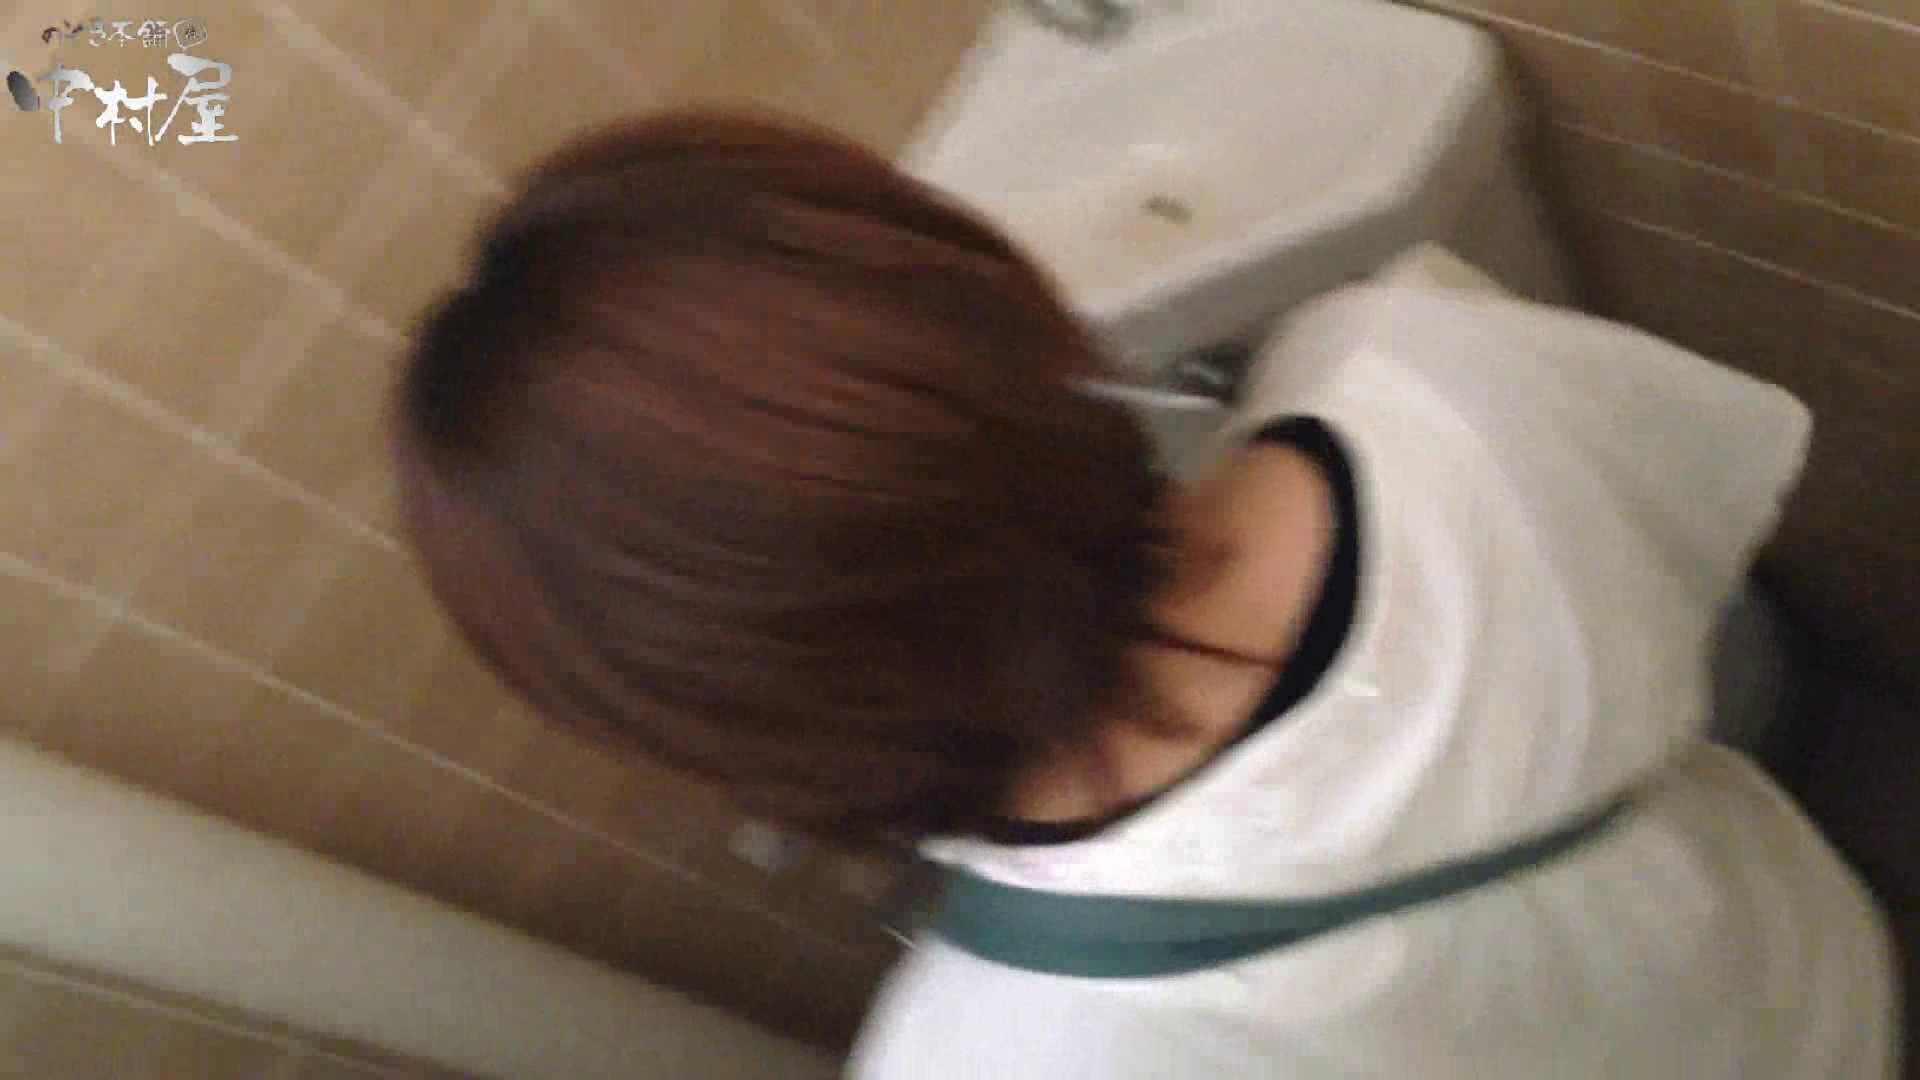 部活女子トイレ潜入編vol.5 OLセックス  69画像 40